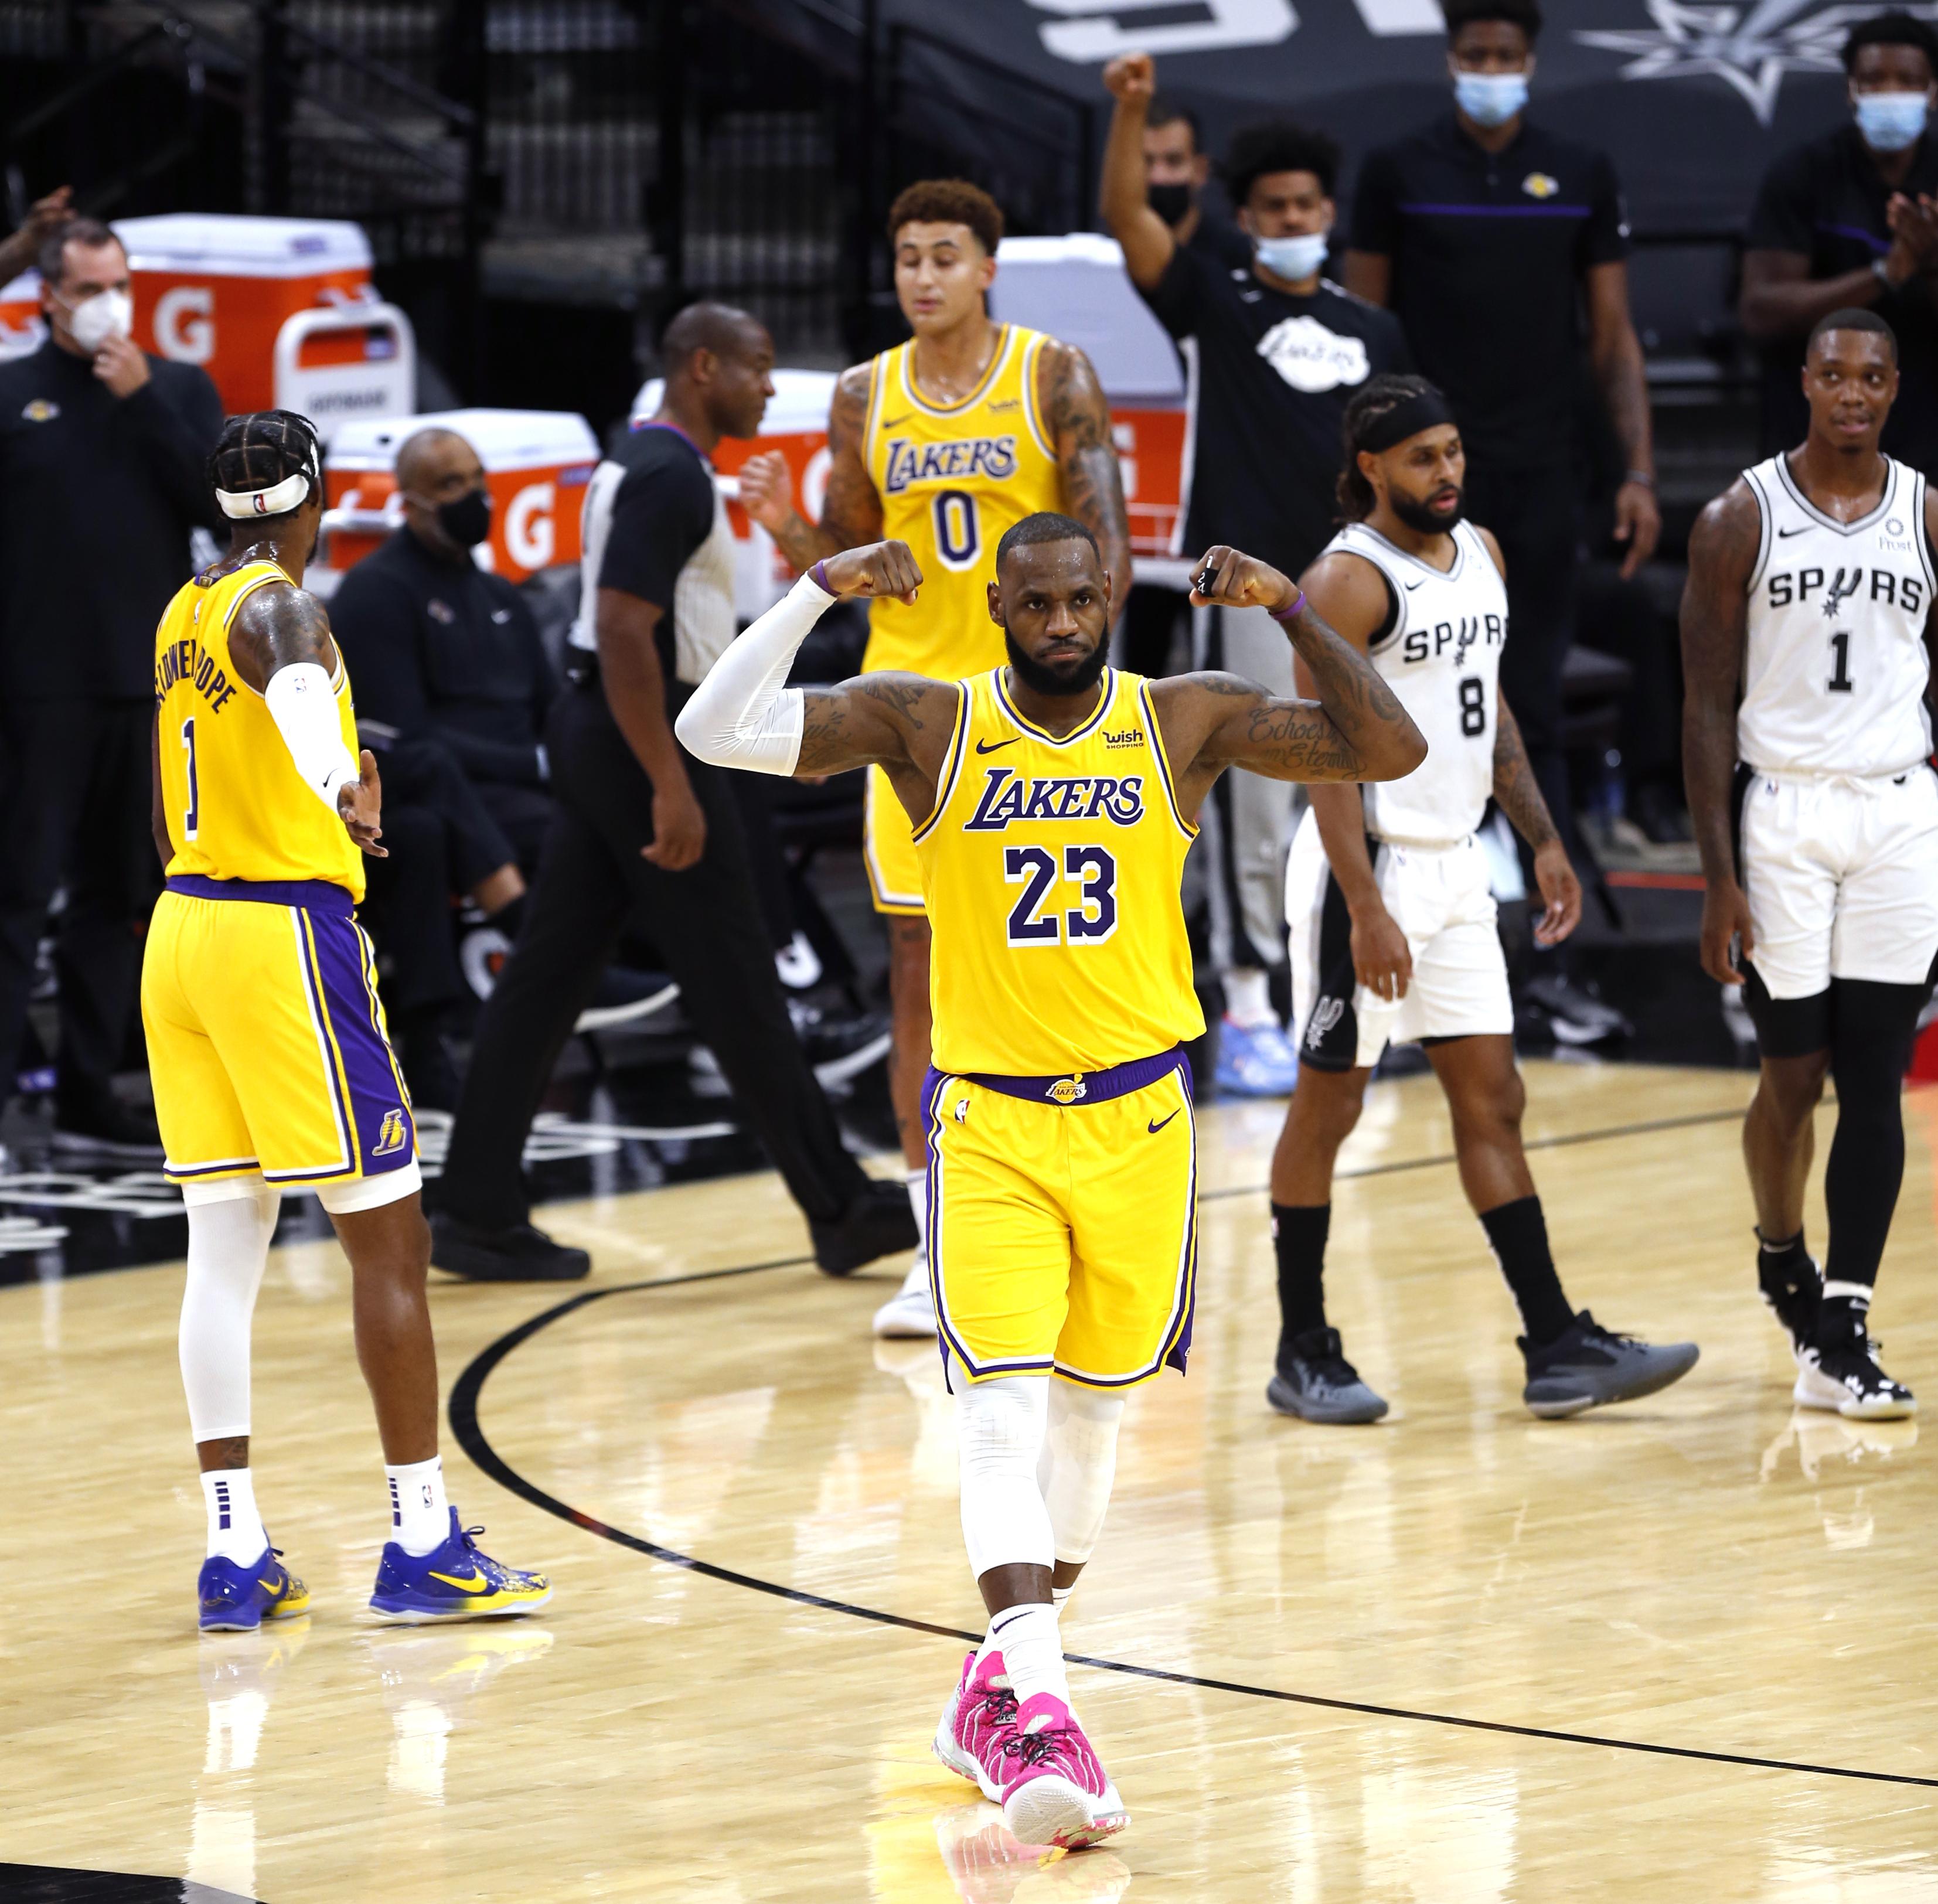 LeBron James celebrates scoring milestone on 36th birthday